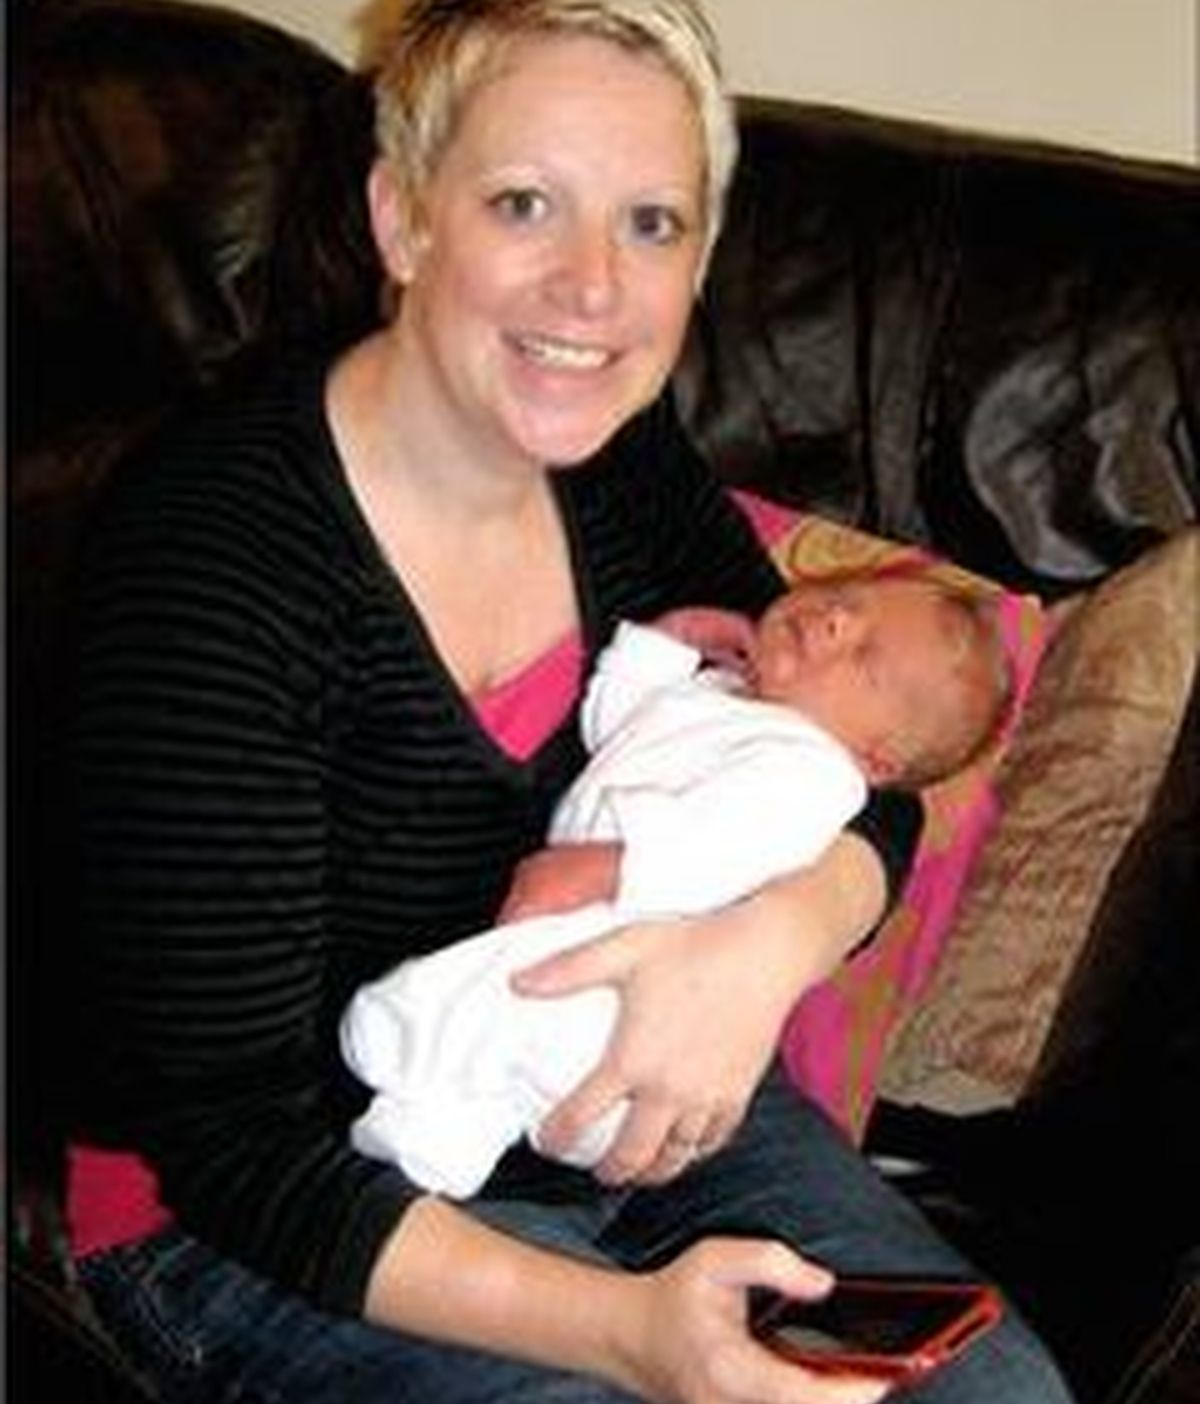 Fi Star-Stone 'twitteó' durante las 13 horas que duró su parto. Foto BBC